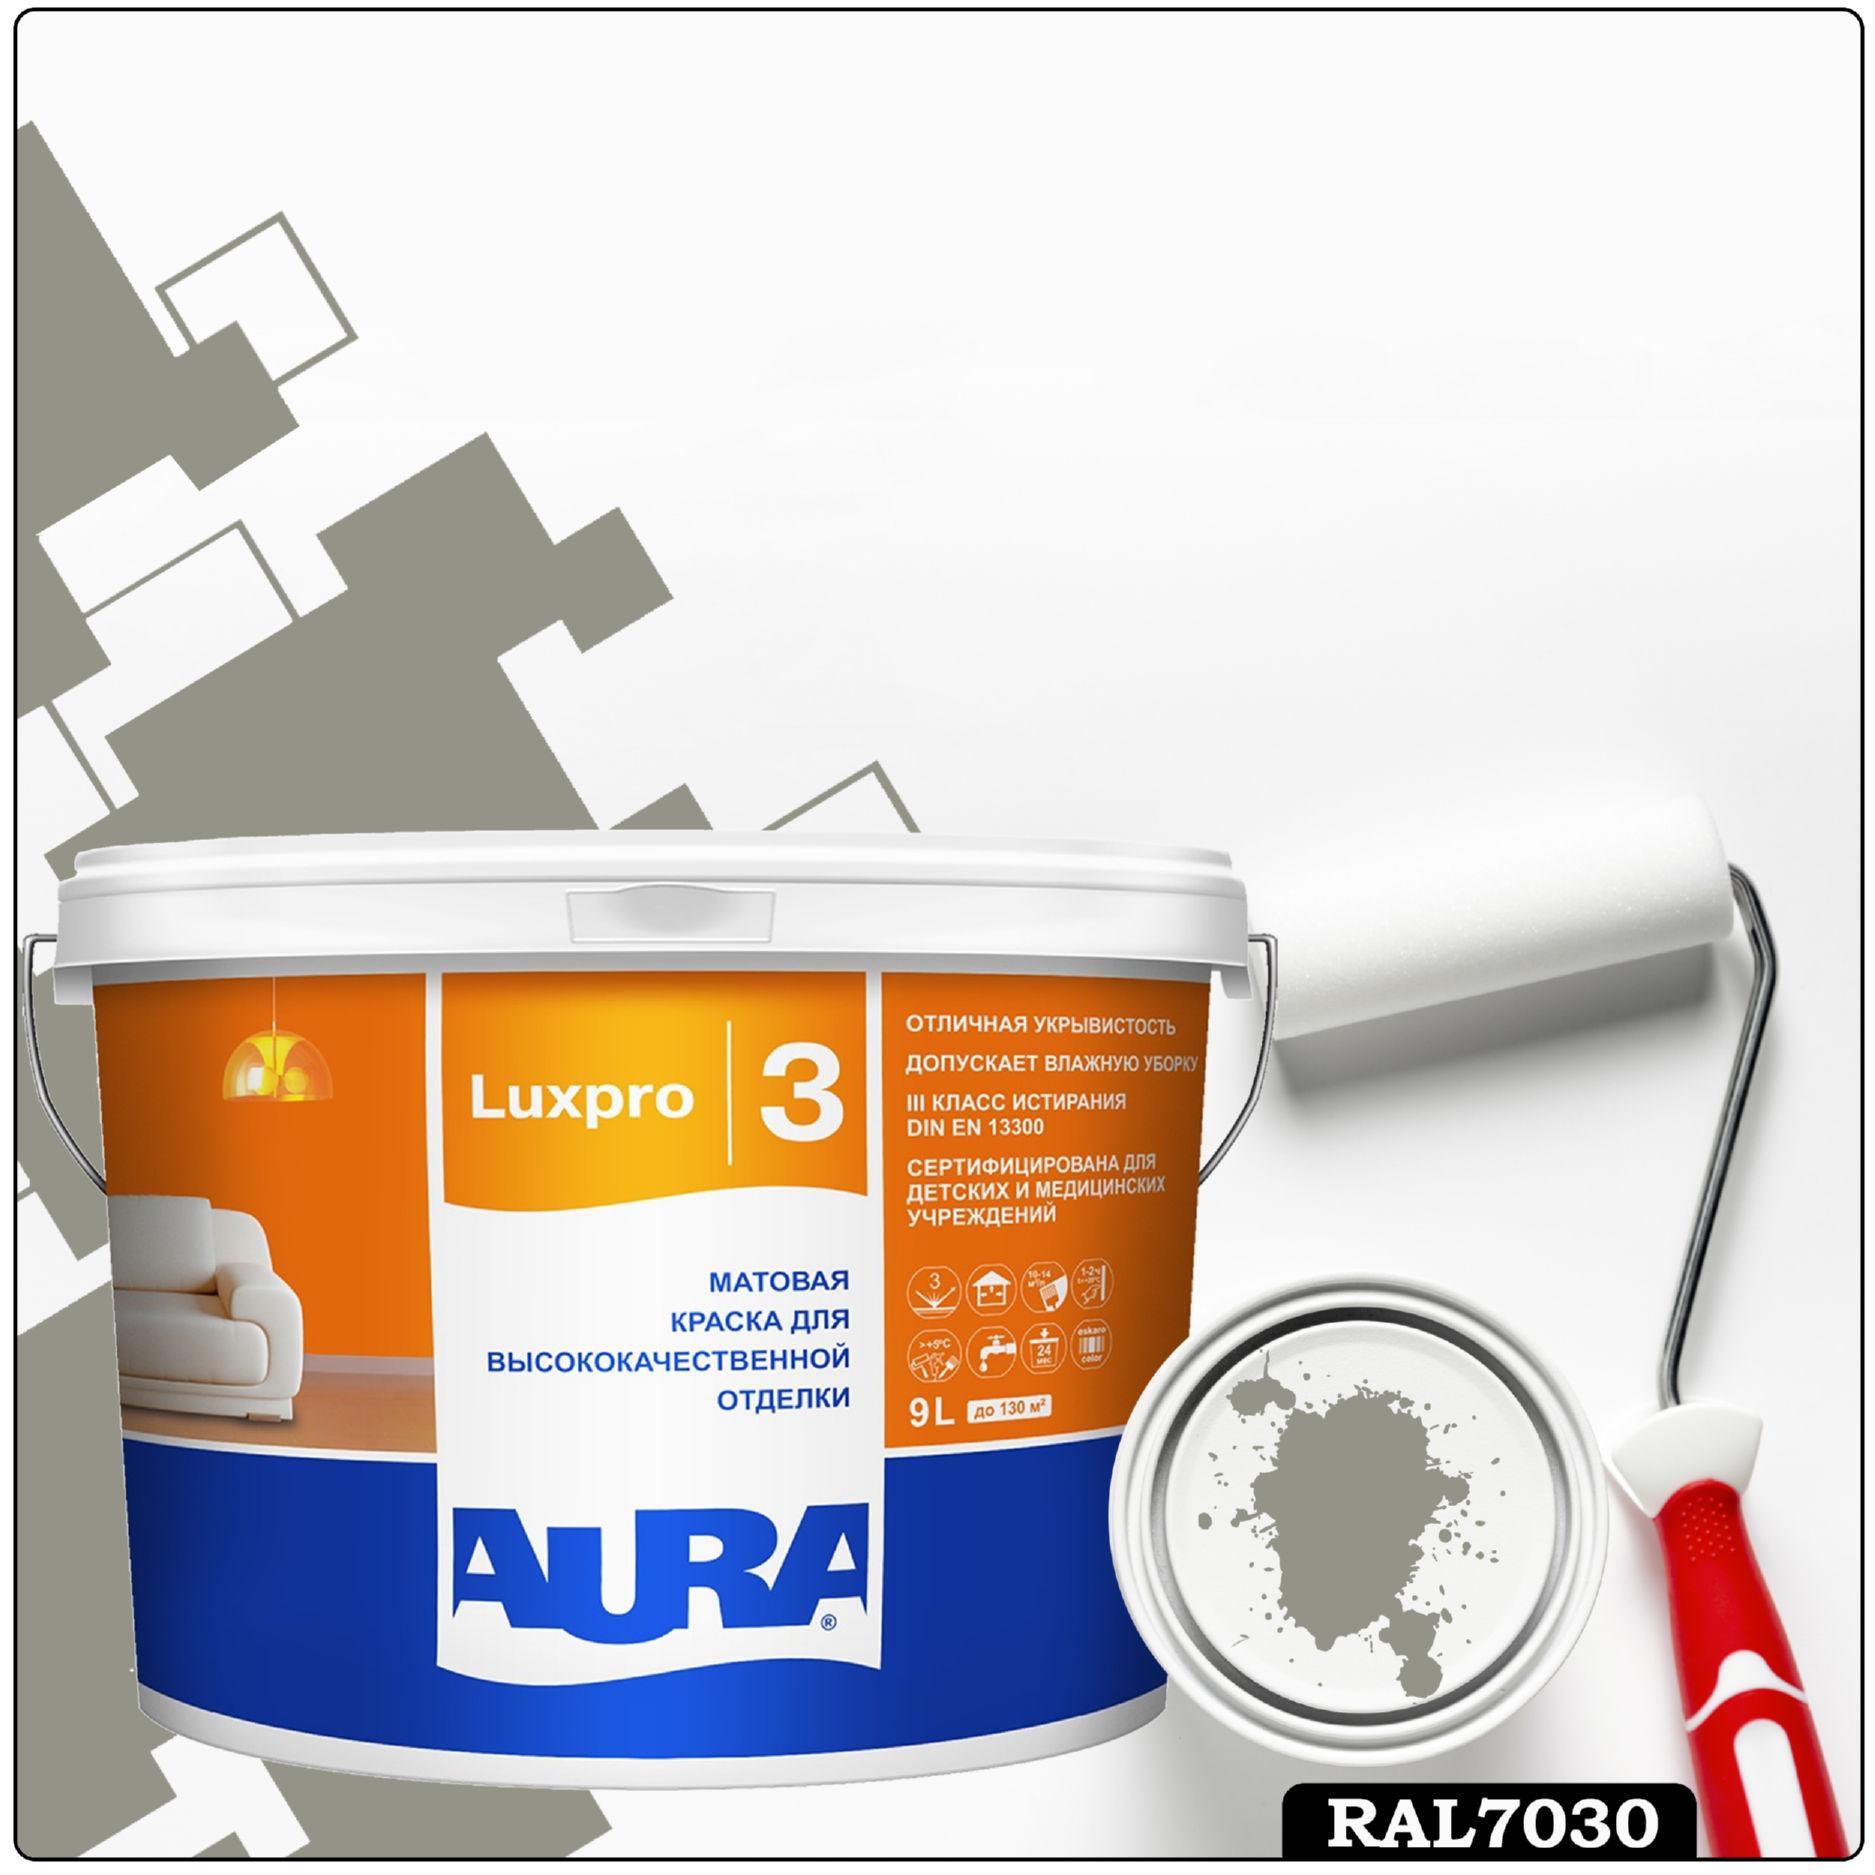 Фото 21 - Краска Aura LuxPRO 3, RAL 7030 Серый камень, латексная, шелково-матовая, интерьерная, 9л, Аура.